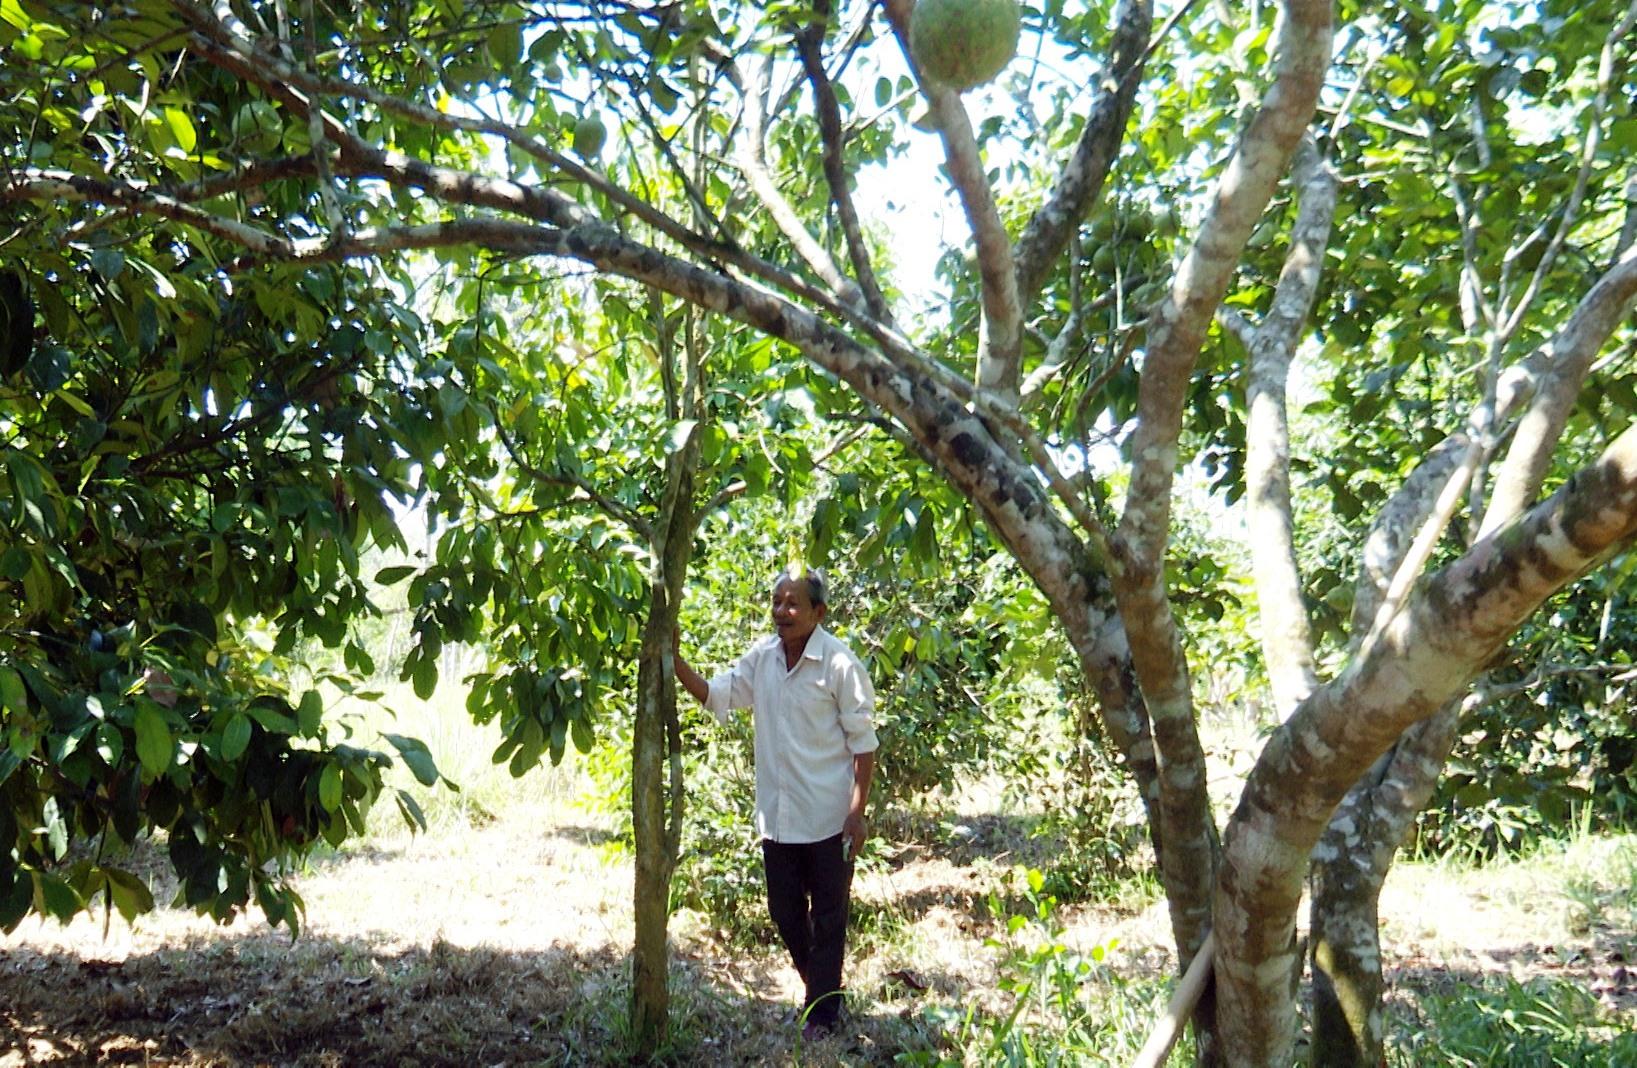 Với hơn 1,5ha vườn trồng măng cụt và thanh trà mỗi năm ông Dĩnh thu về hơn 200 triệu đồng. Ảnh: H.H